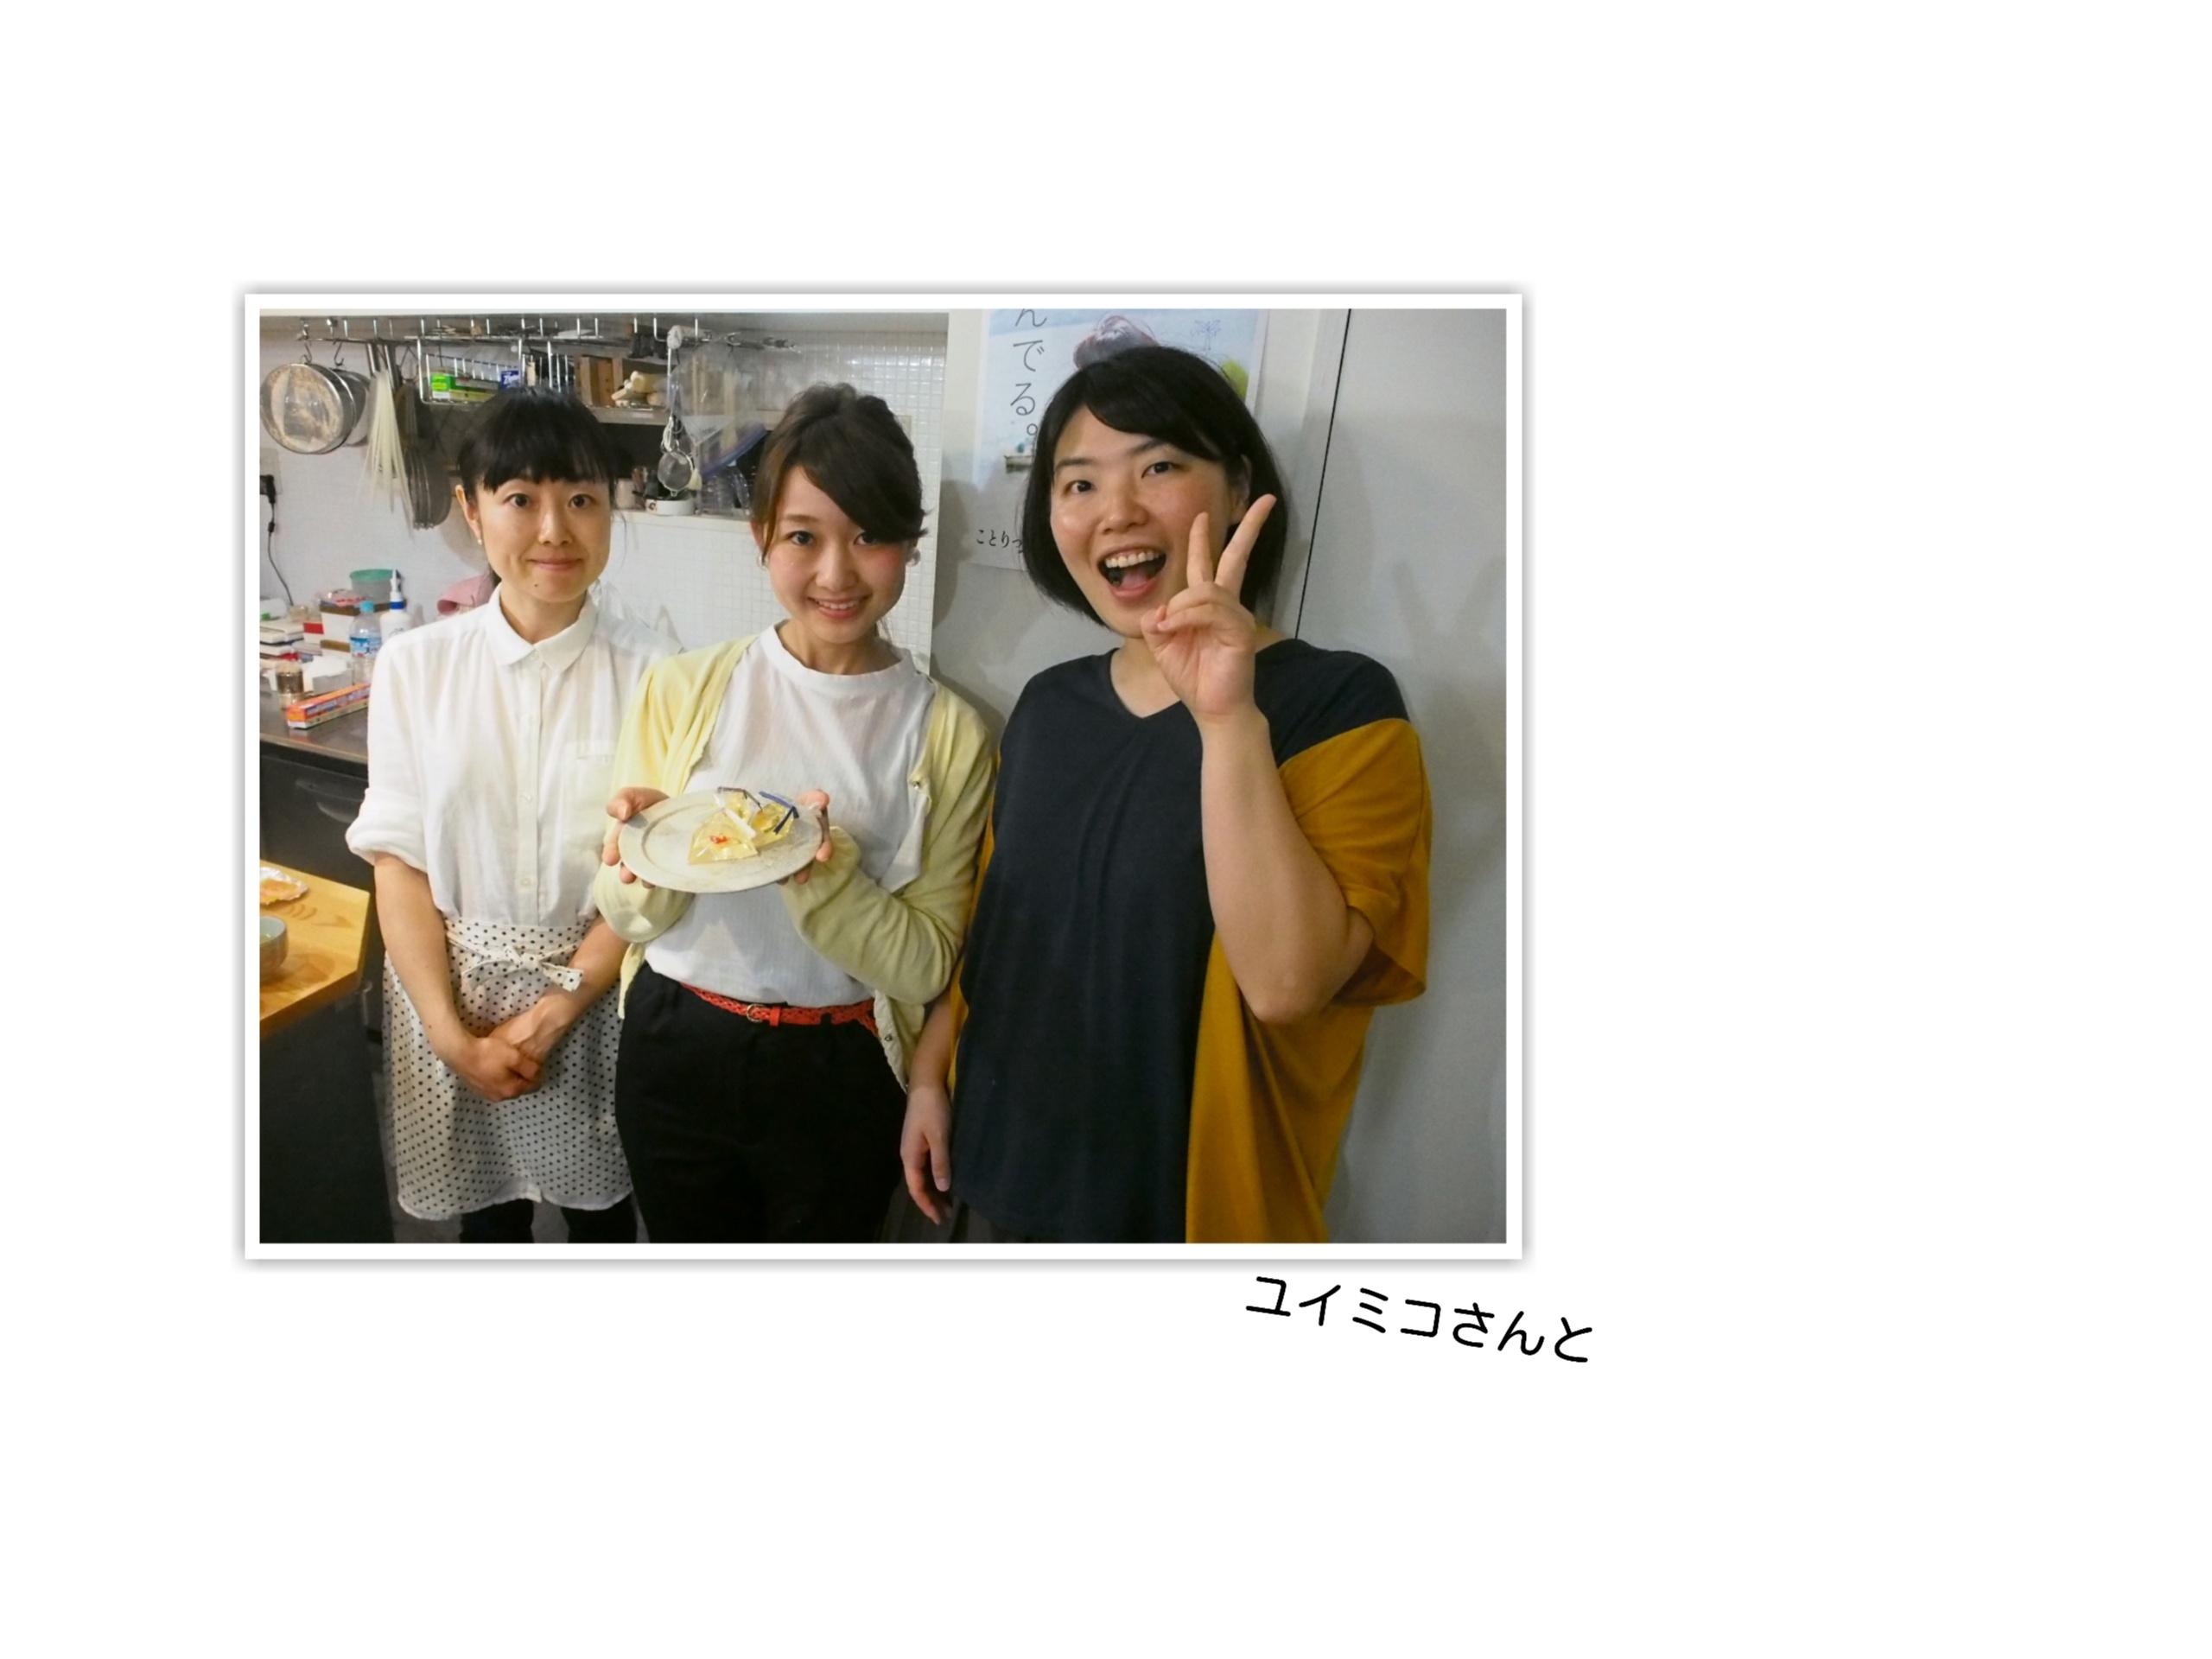 ユイミコさんに習う夏の和菓子作り体験で涼しげな「金魚の羊羮」にチャレンジ♪_5